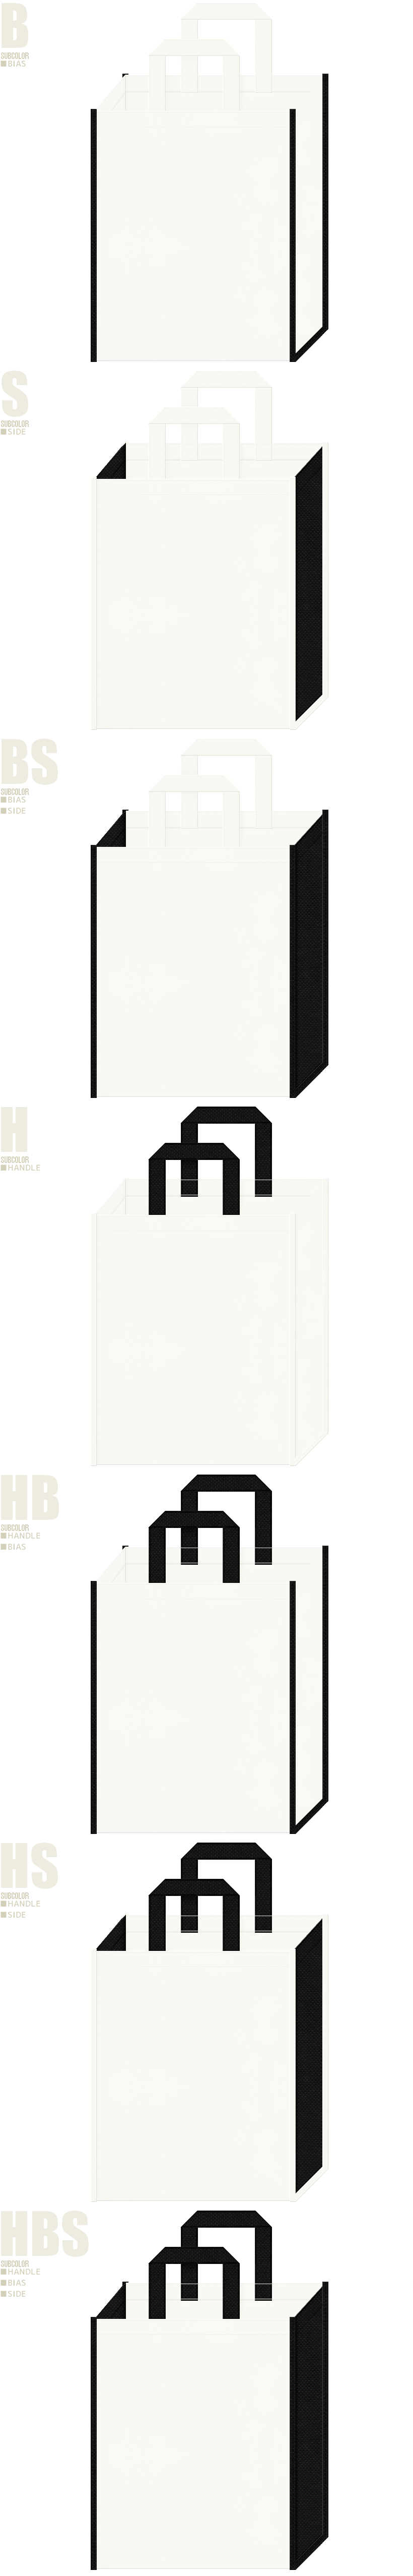 タイヤ・ホイール・カー用品・ゴスロリ・ドレス・ワンピース・コルセット・ヘアーサロン・ハロウィン・コスプレ衣装・高級感ある展示会用バッグにお奨めの不織布バッグデザイン:オフホワイト色と黒色の不織布バッグ配色7パターン